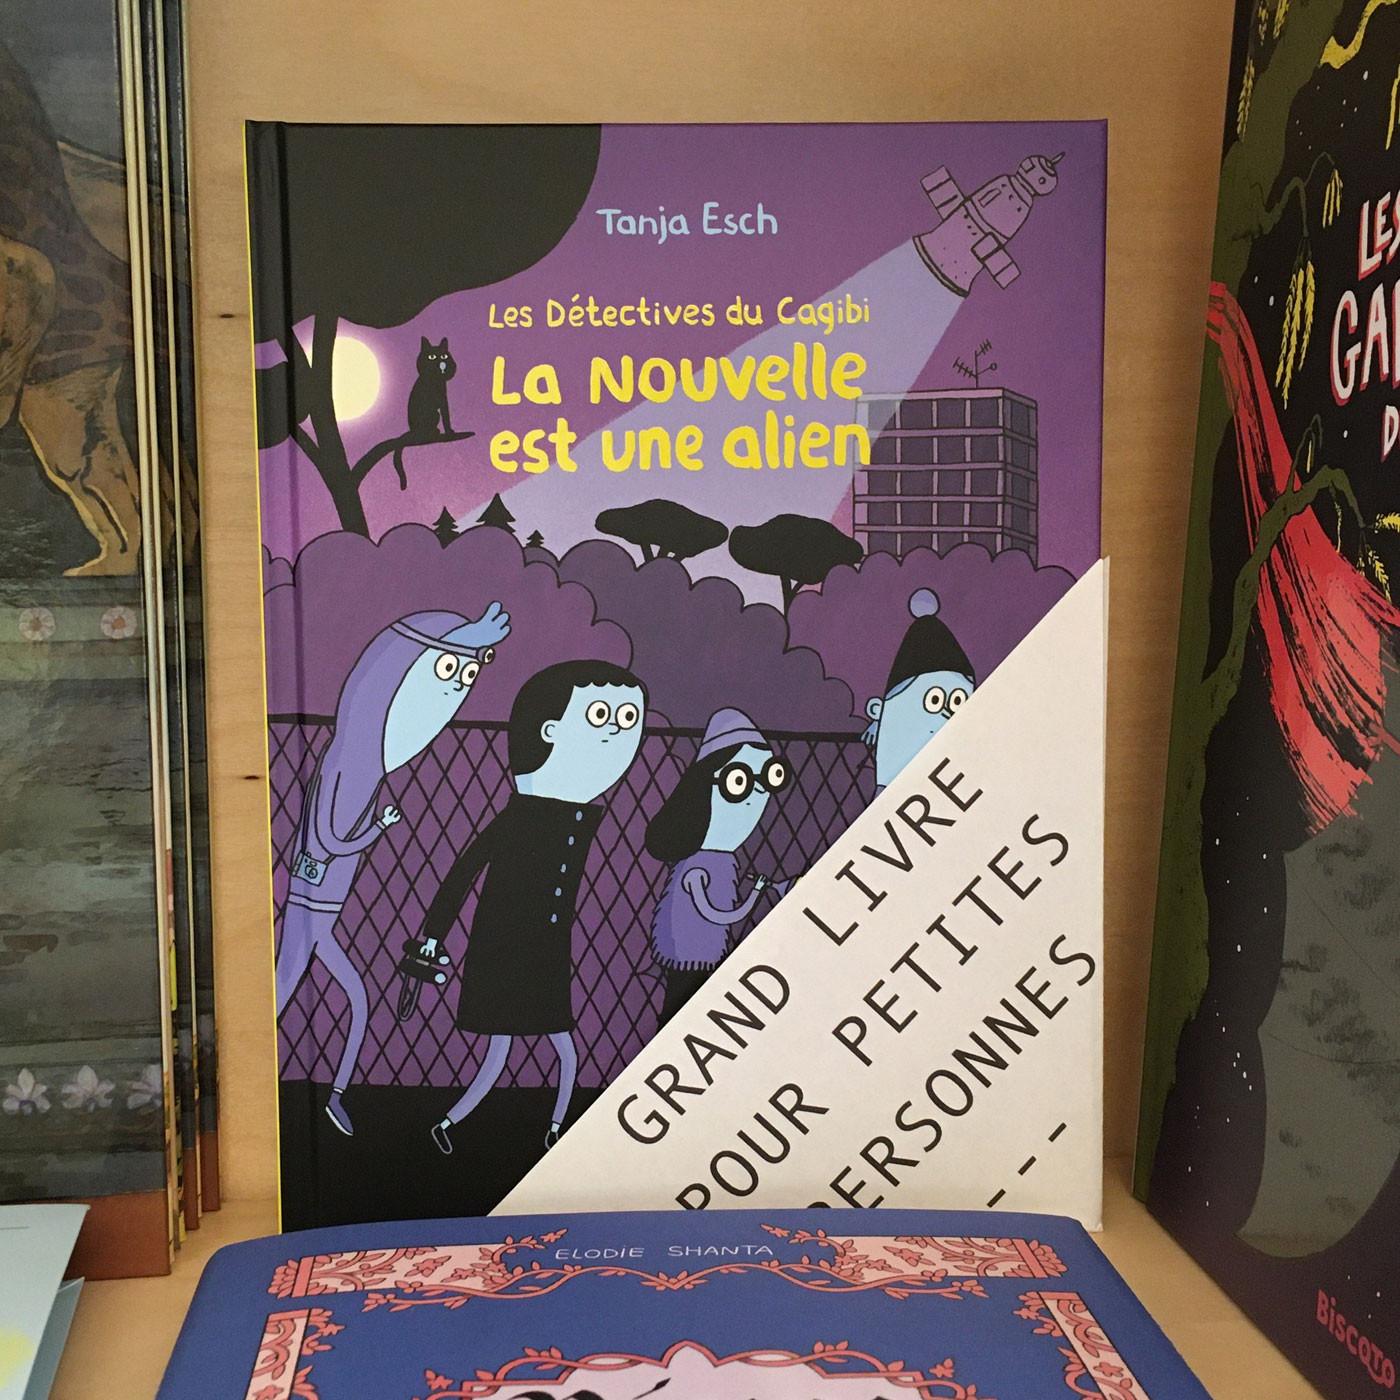 Grands livres pour petites personnes #22 - Les détectives du cagibi. La nouvelle est une alien